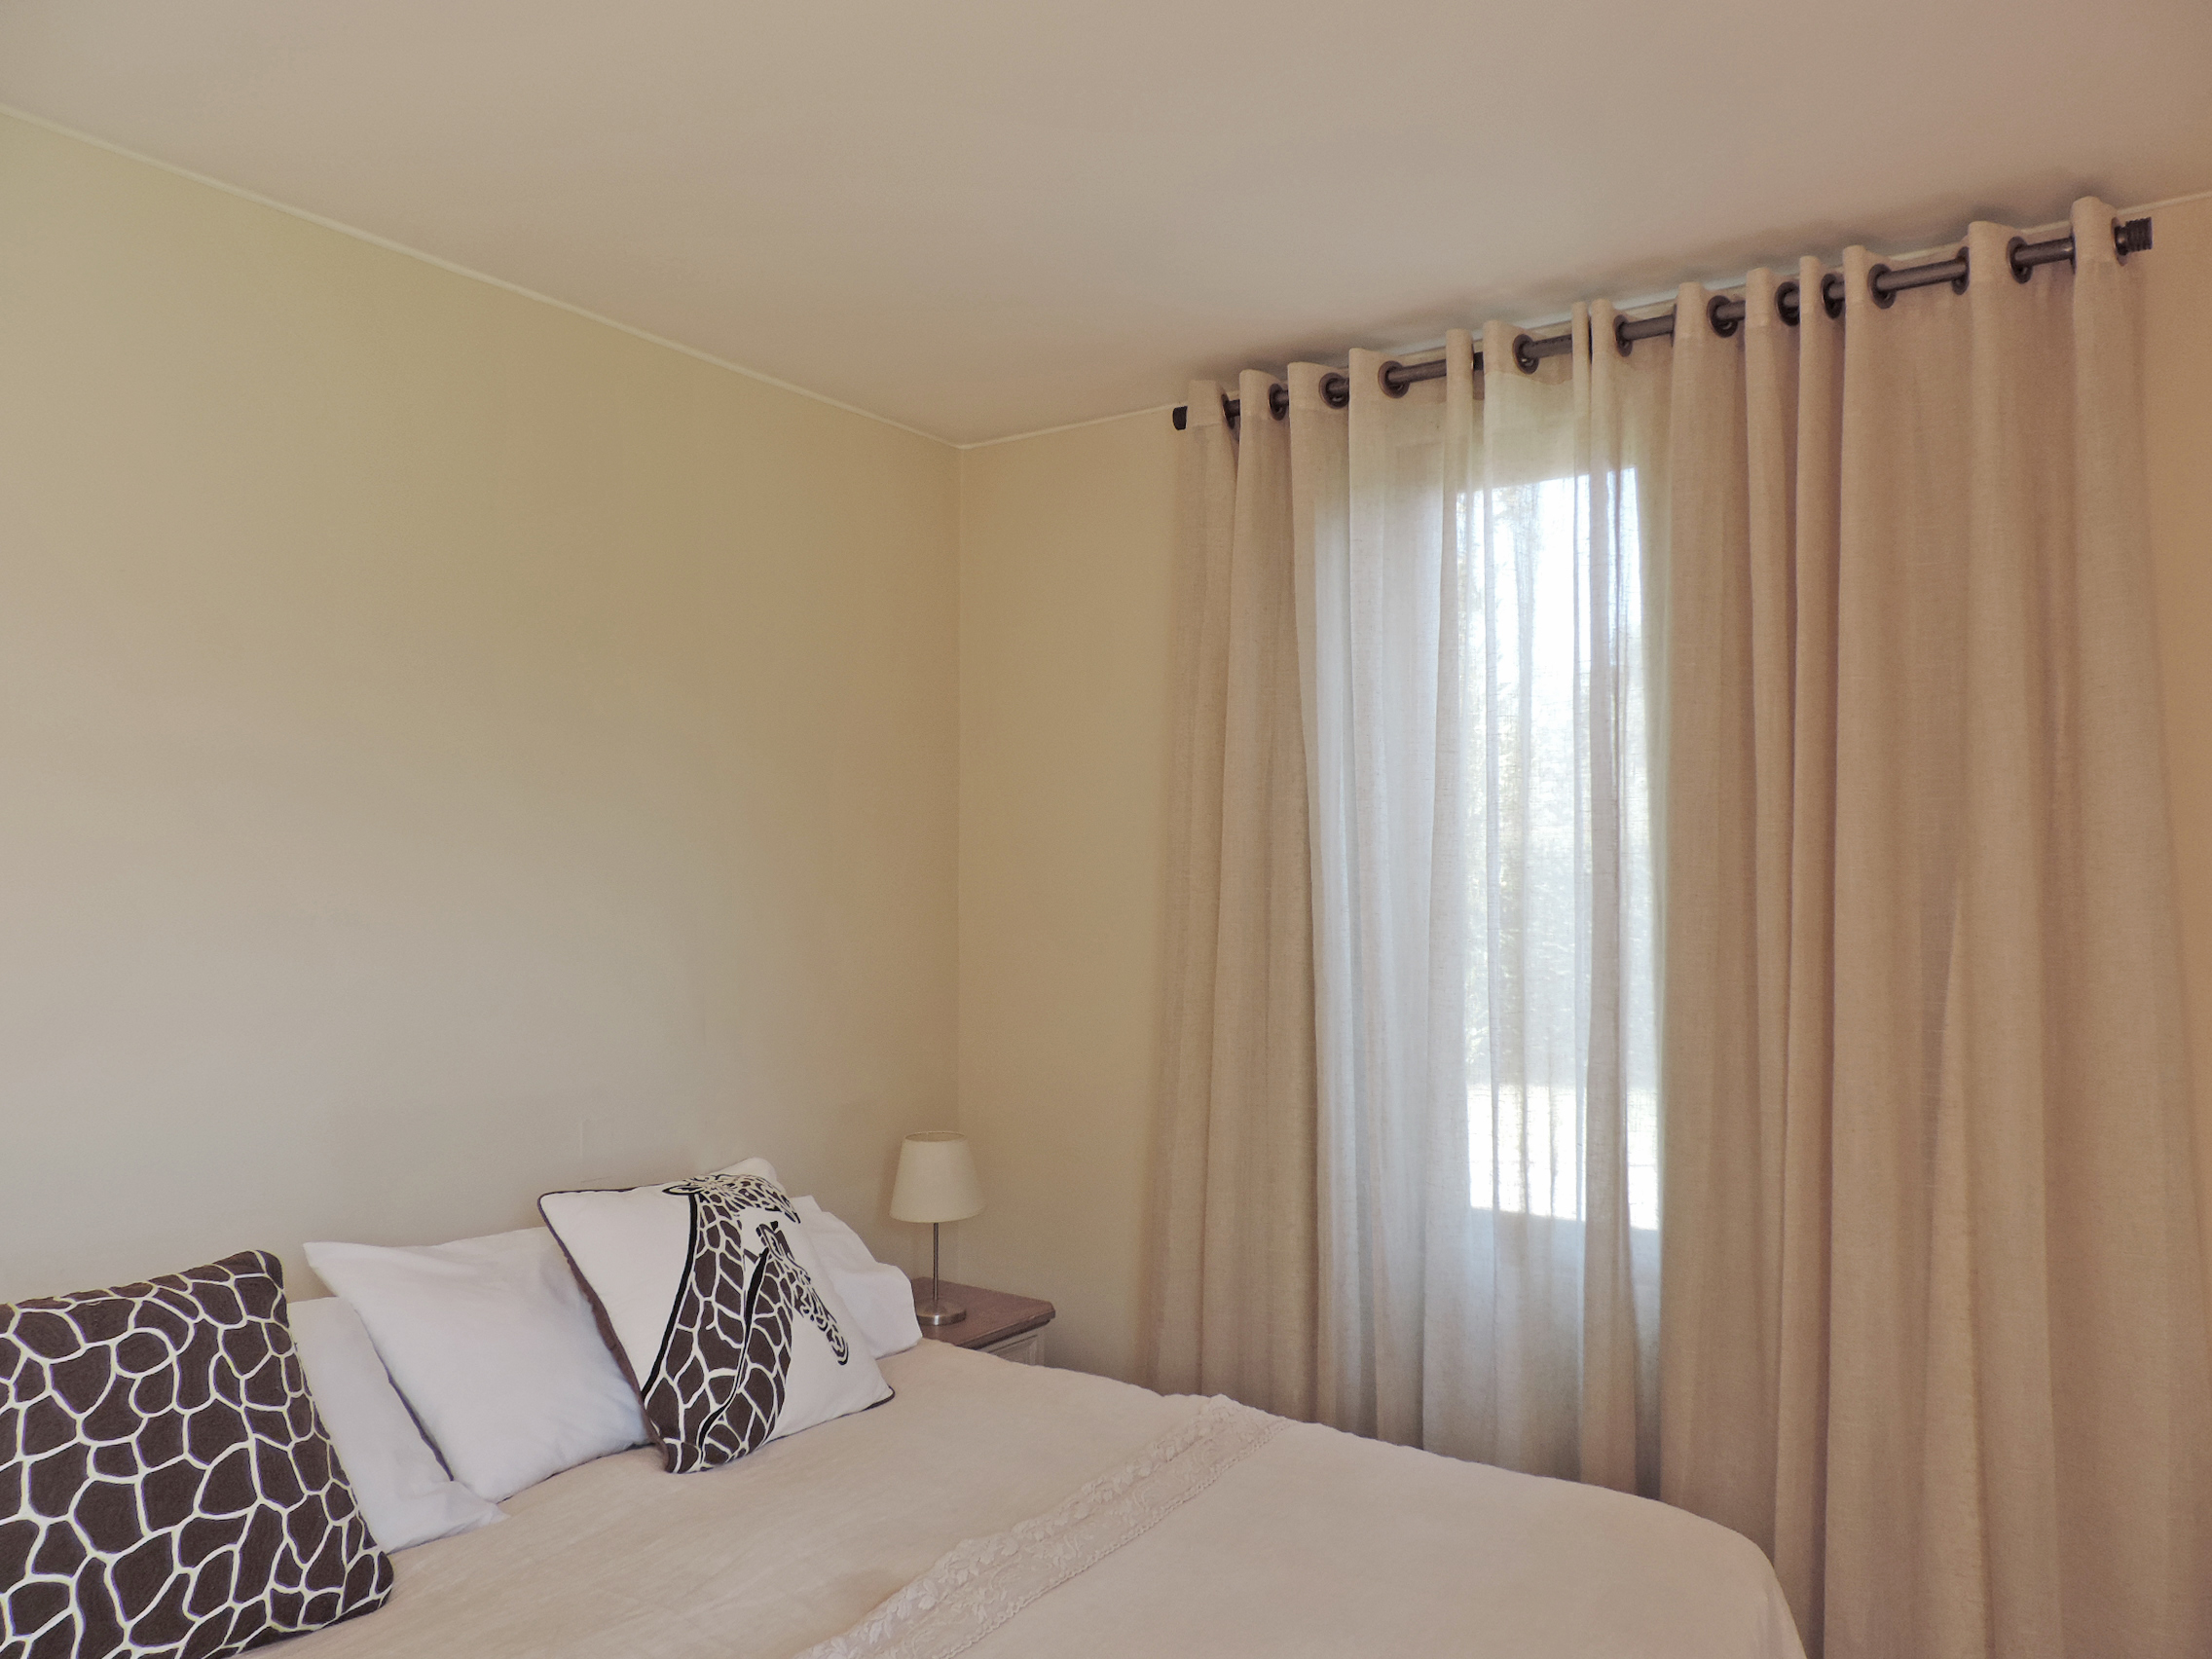 cortina gasa ojales